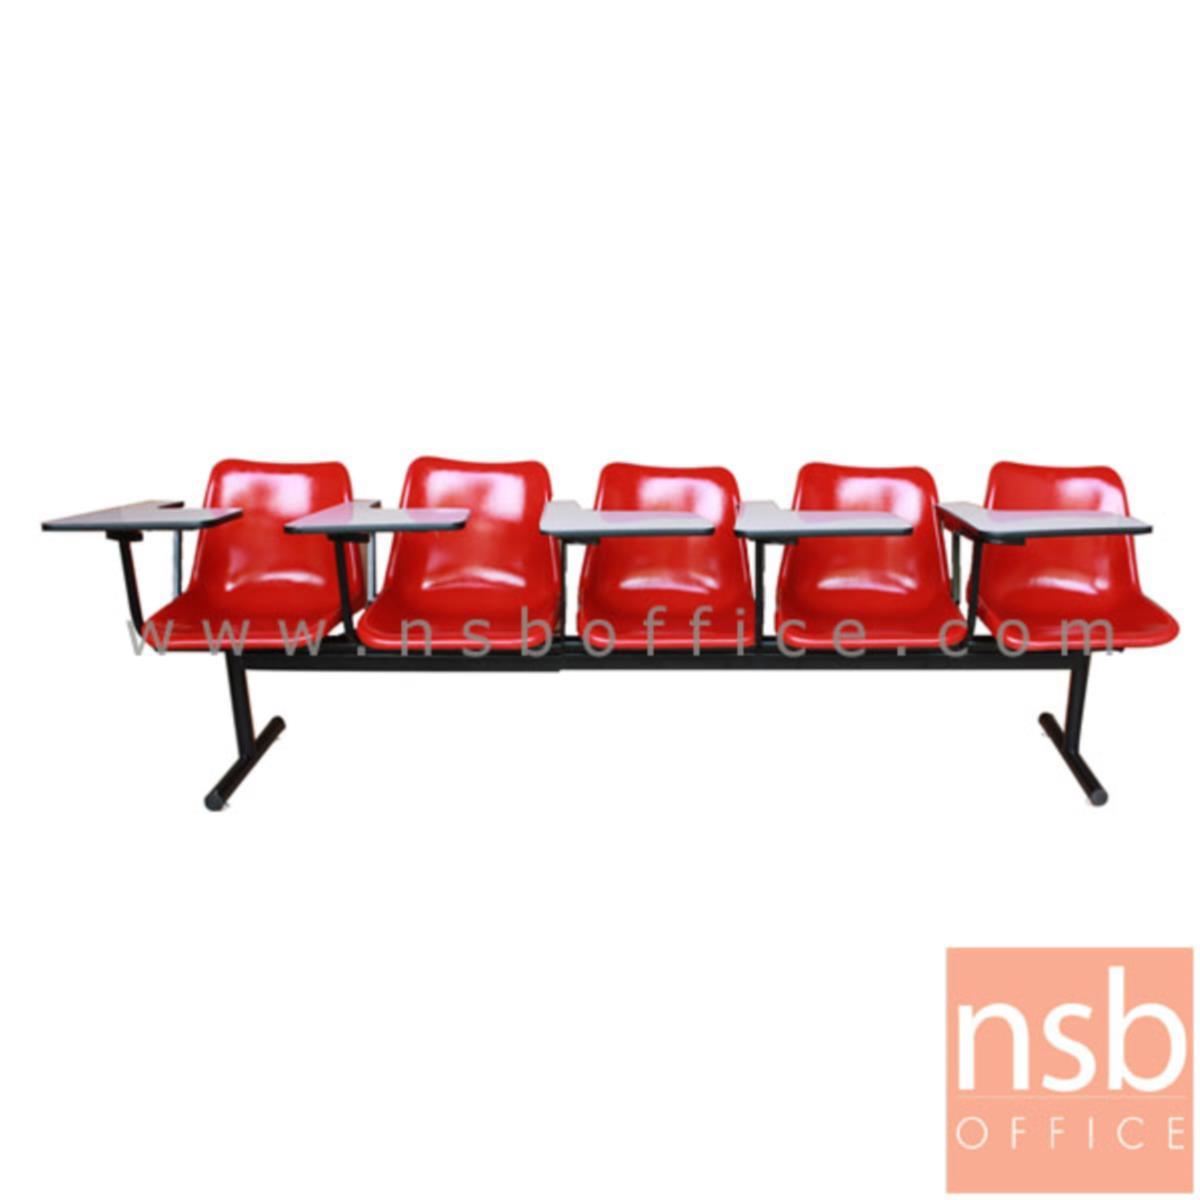 เก้าอี้เลคเชอร์แถวเฟรมโพลี่ รุ่น Indigo (อินดิโก) 2 ,3 ,4 และ 5 ที่นั่ง ขาเหล็กกลม